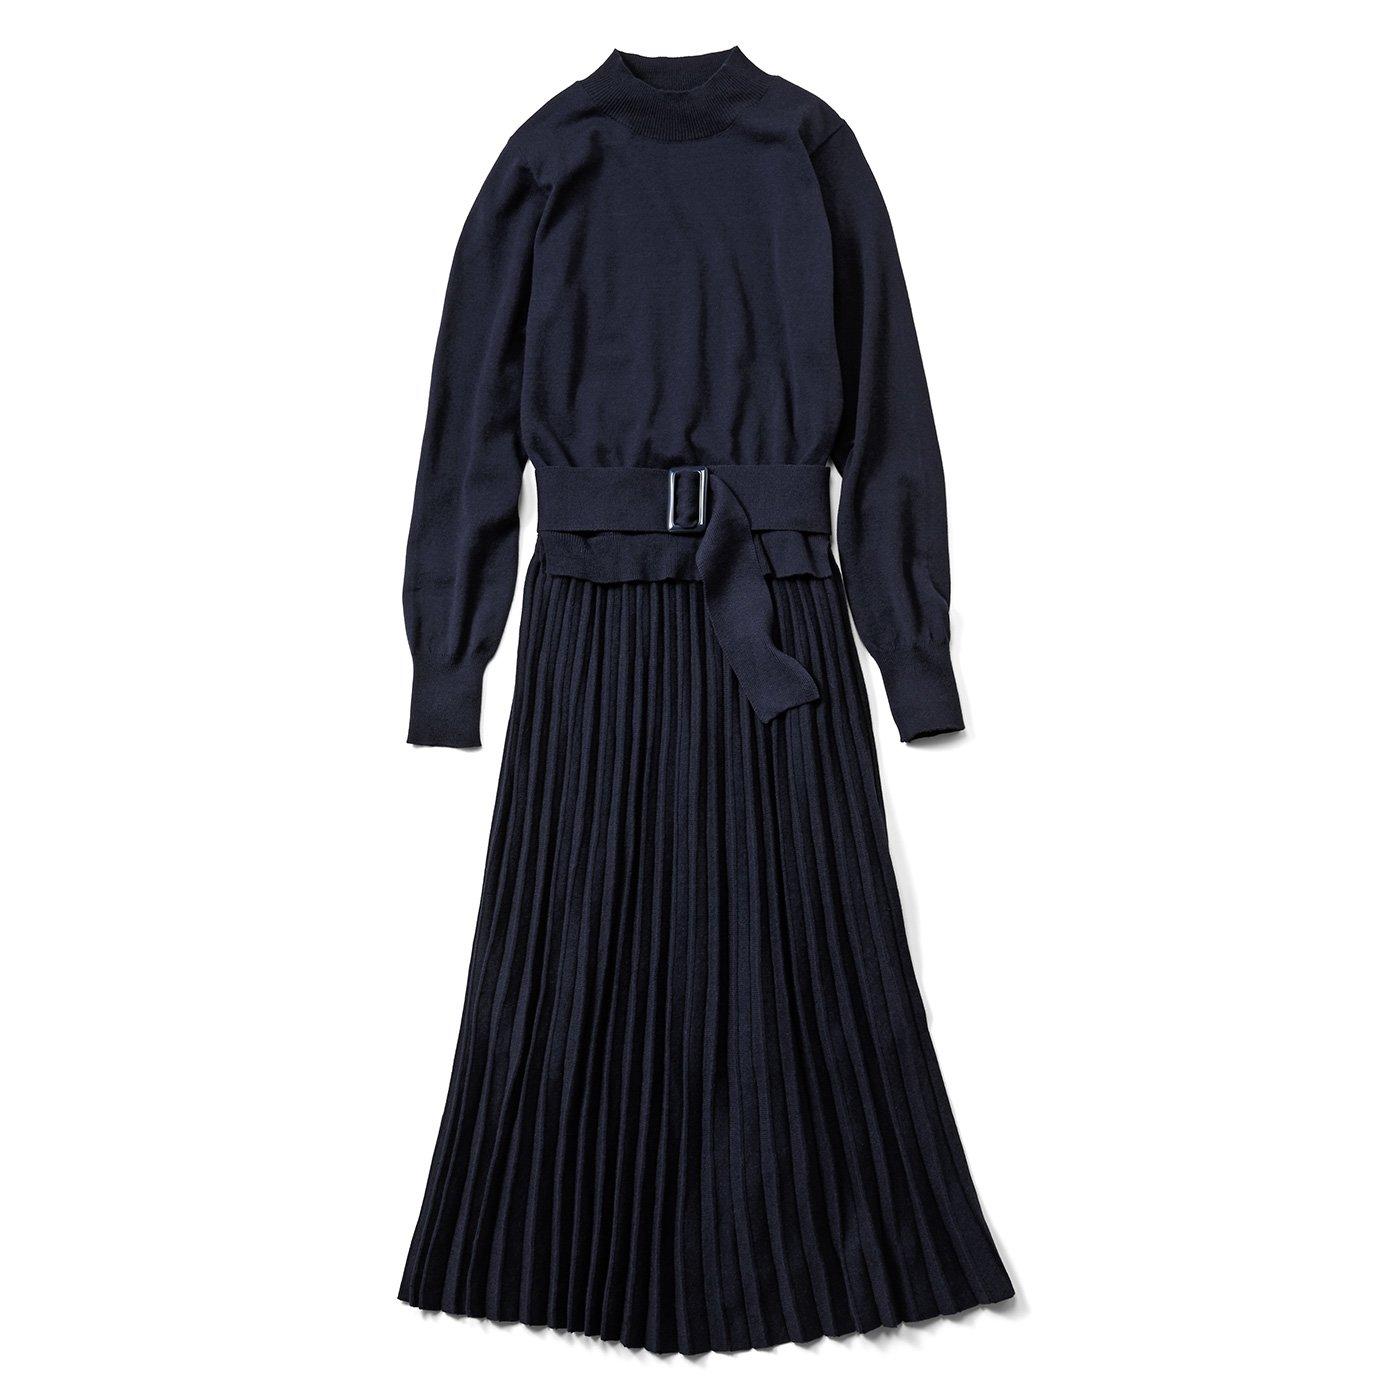 【3~10日でお届け】IEDIT[イディット] 上品プリーツニットドレス〈ネイビー〉